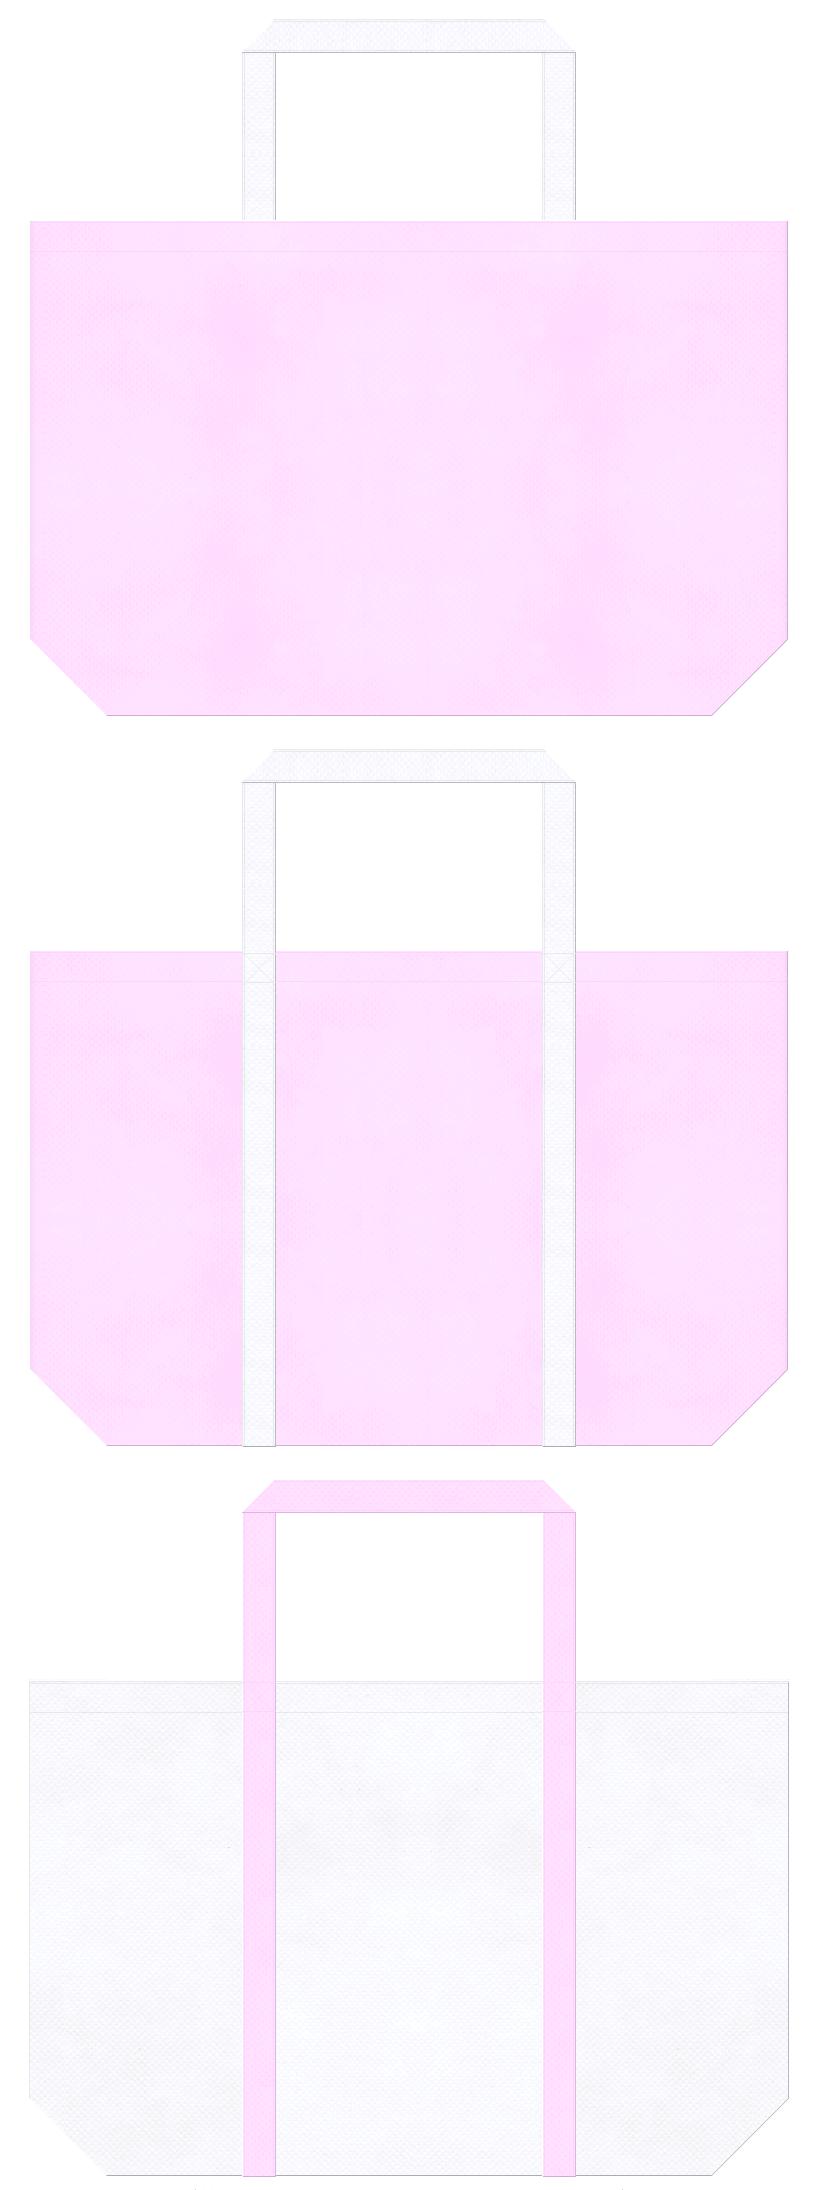 パステルピンク色と白色の不織布バッグデザイン:介護ユニフォーム・医療ユニフォームのショッピングバッグにお奨めです。